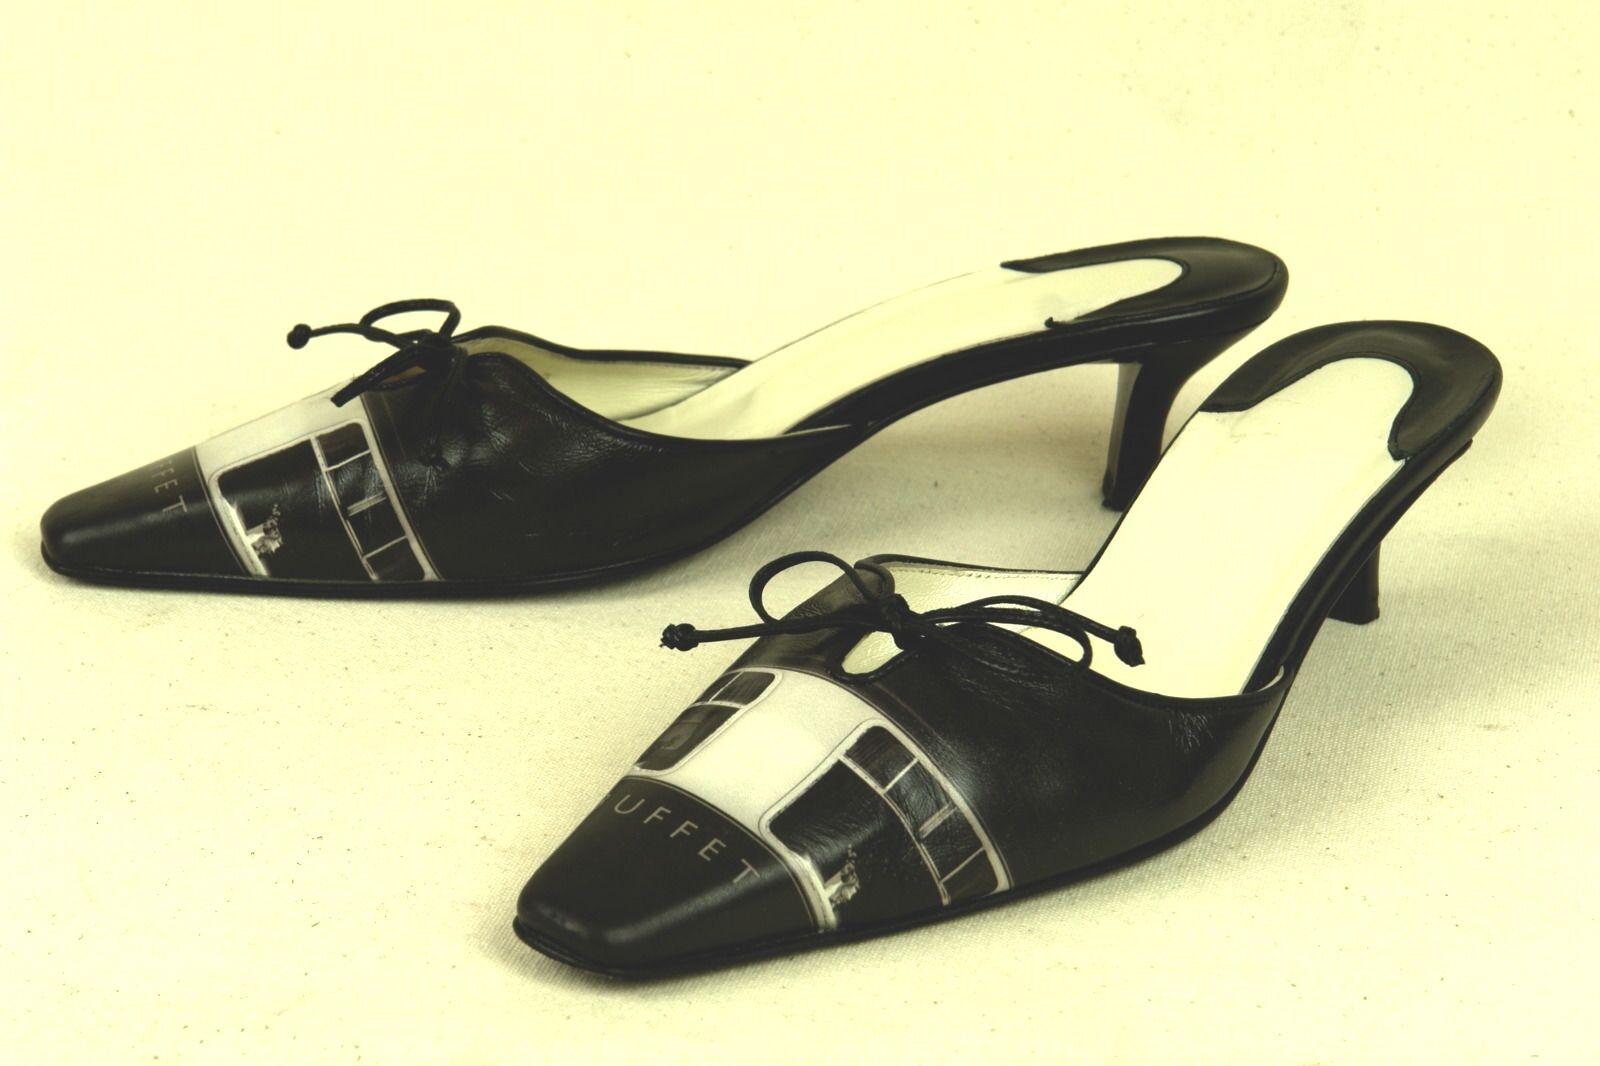 ICON   ITALY   EXQUISITE MULE IN schwarz & Weiß   7 M   EXCELLENT